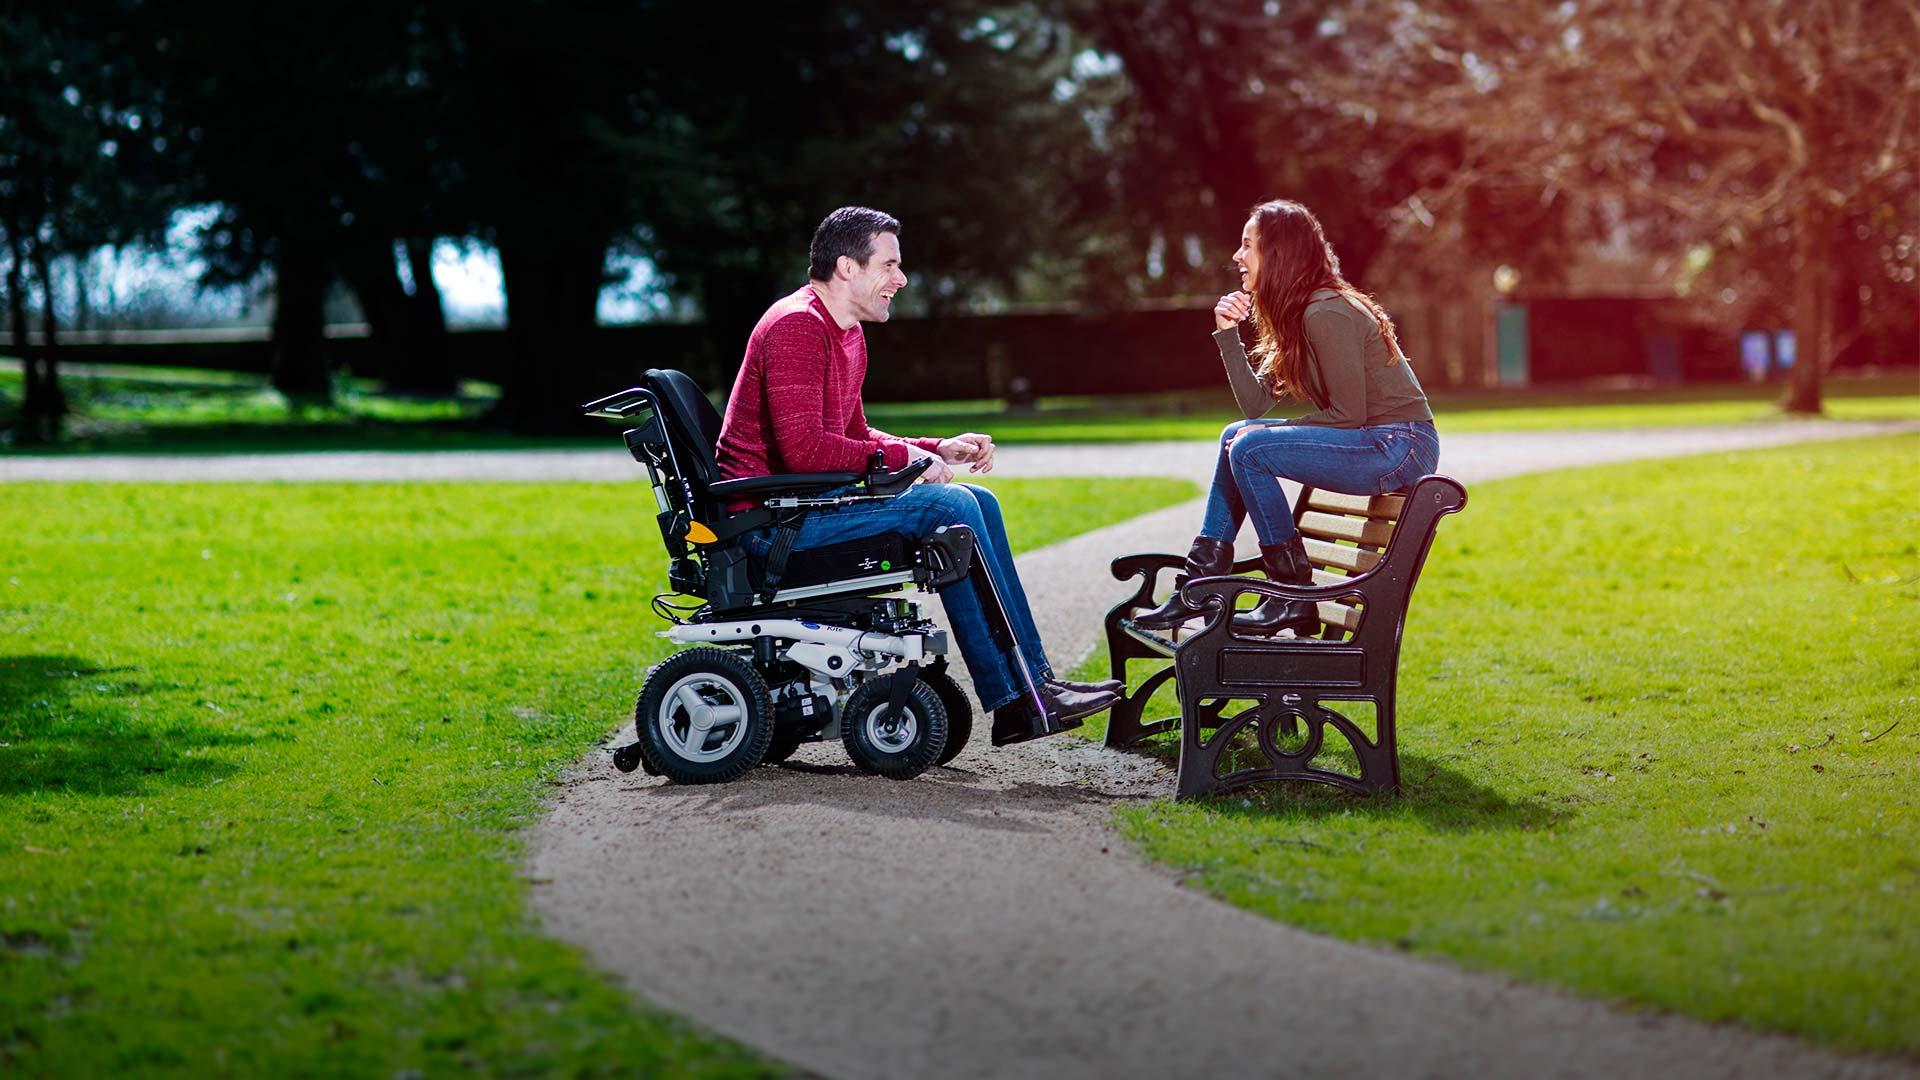 Mann mit Elekrorollstuhl unterhält sich mit Frau auf Parkbank